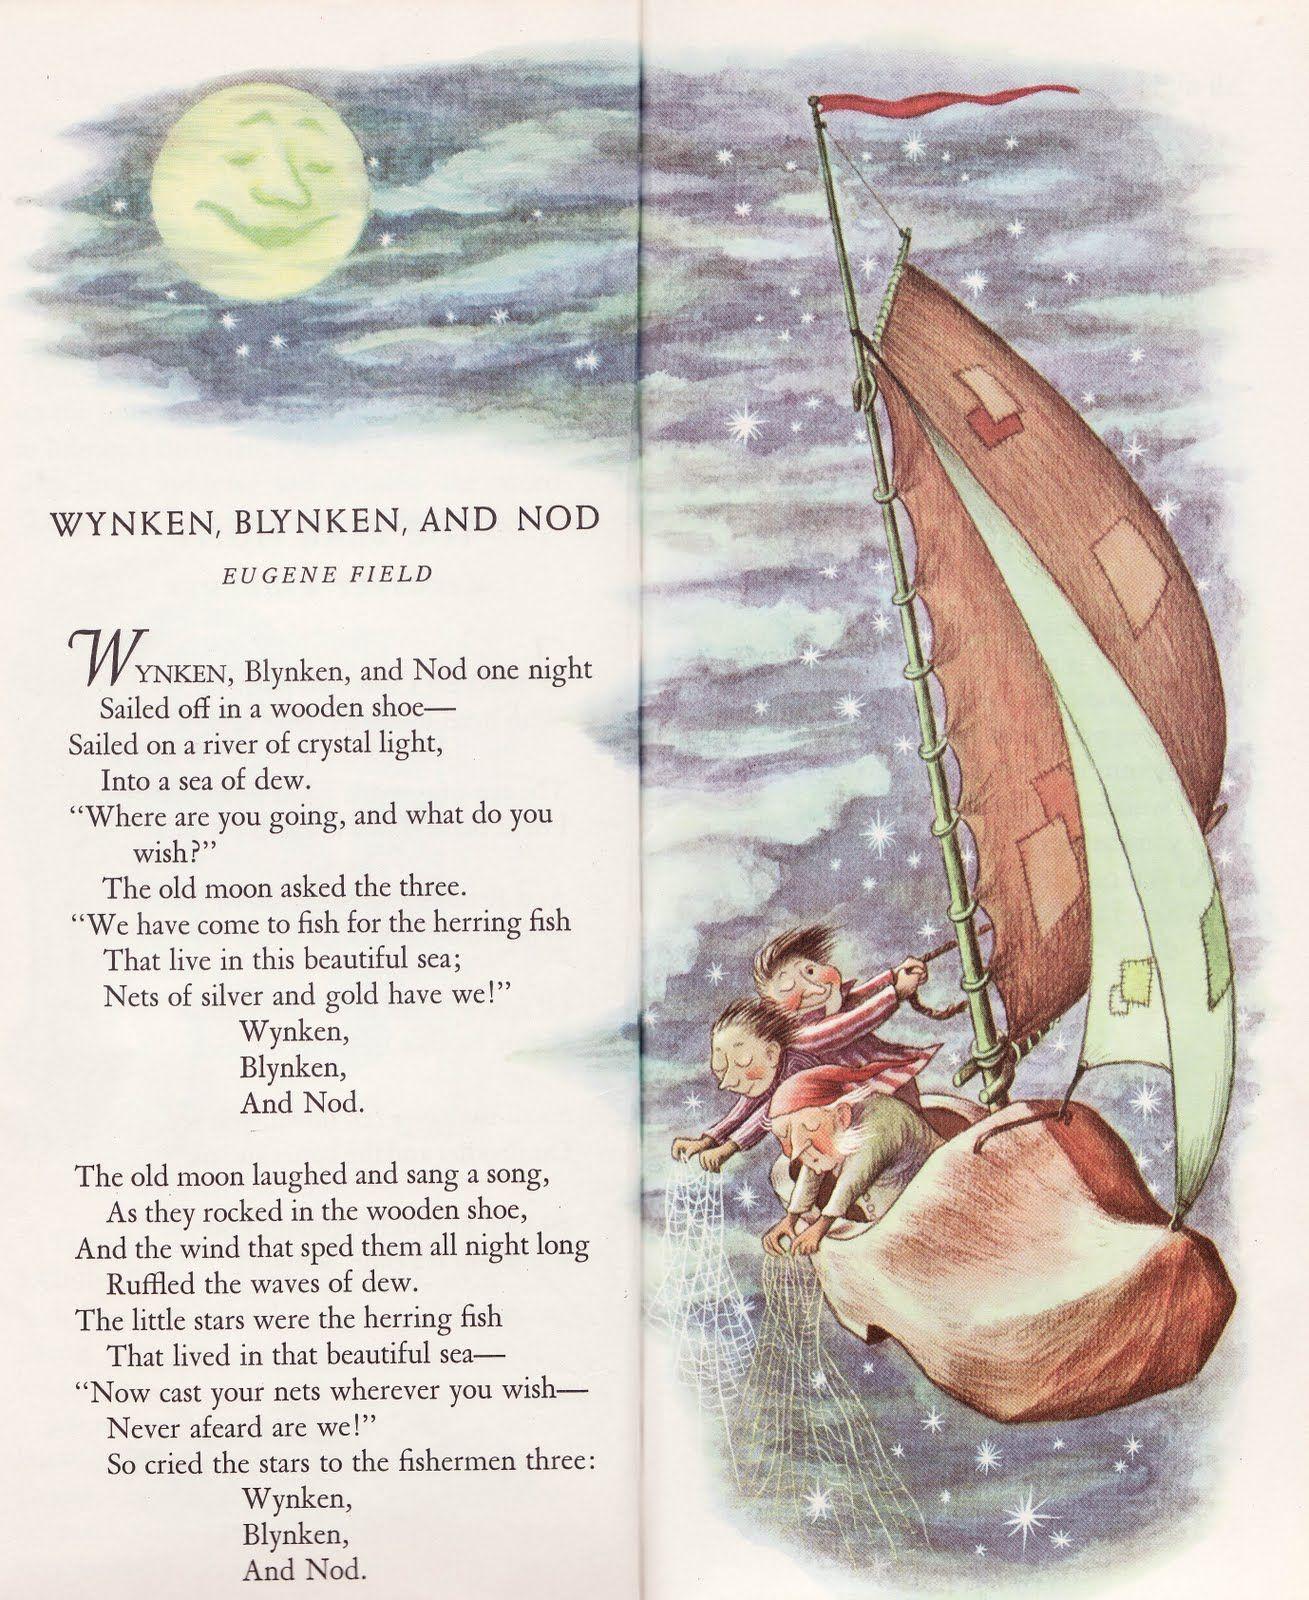 wynken blynken and nod poem pdf